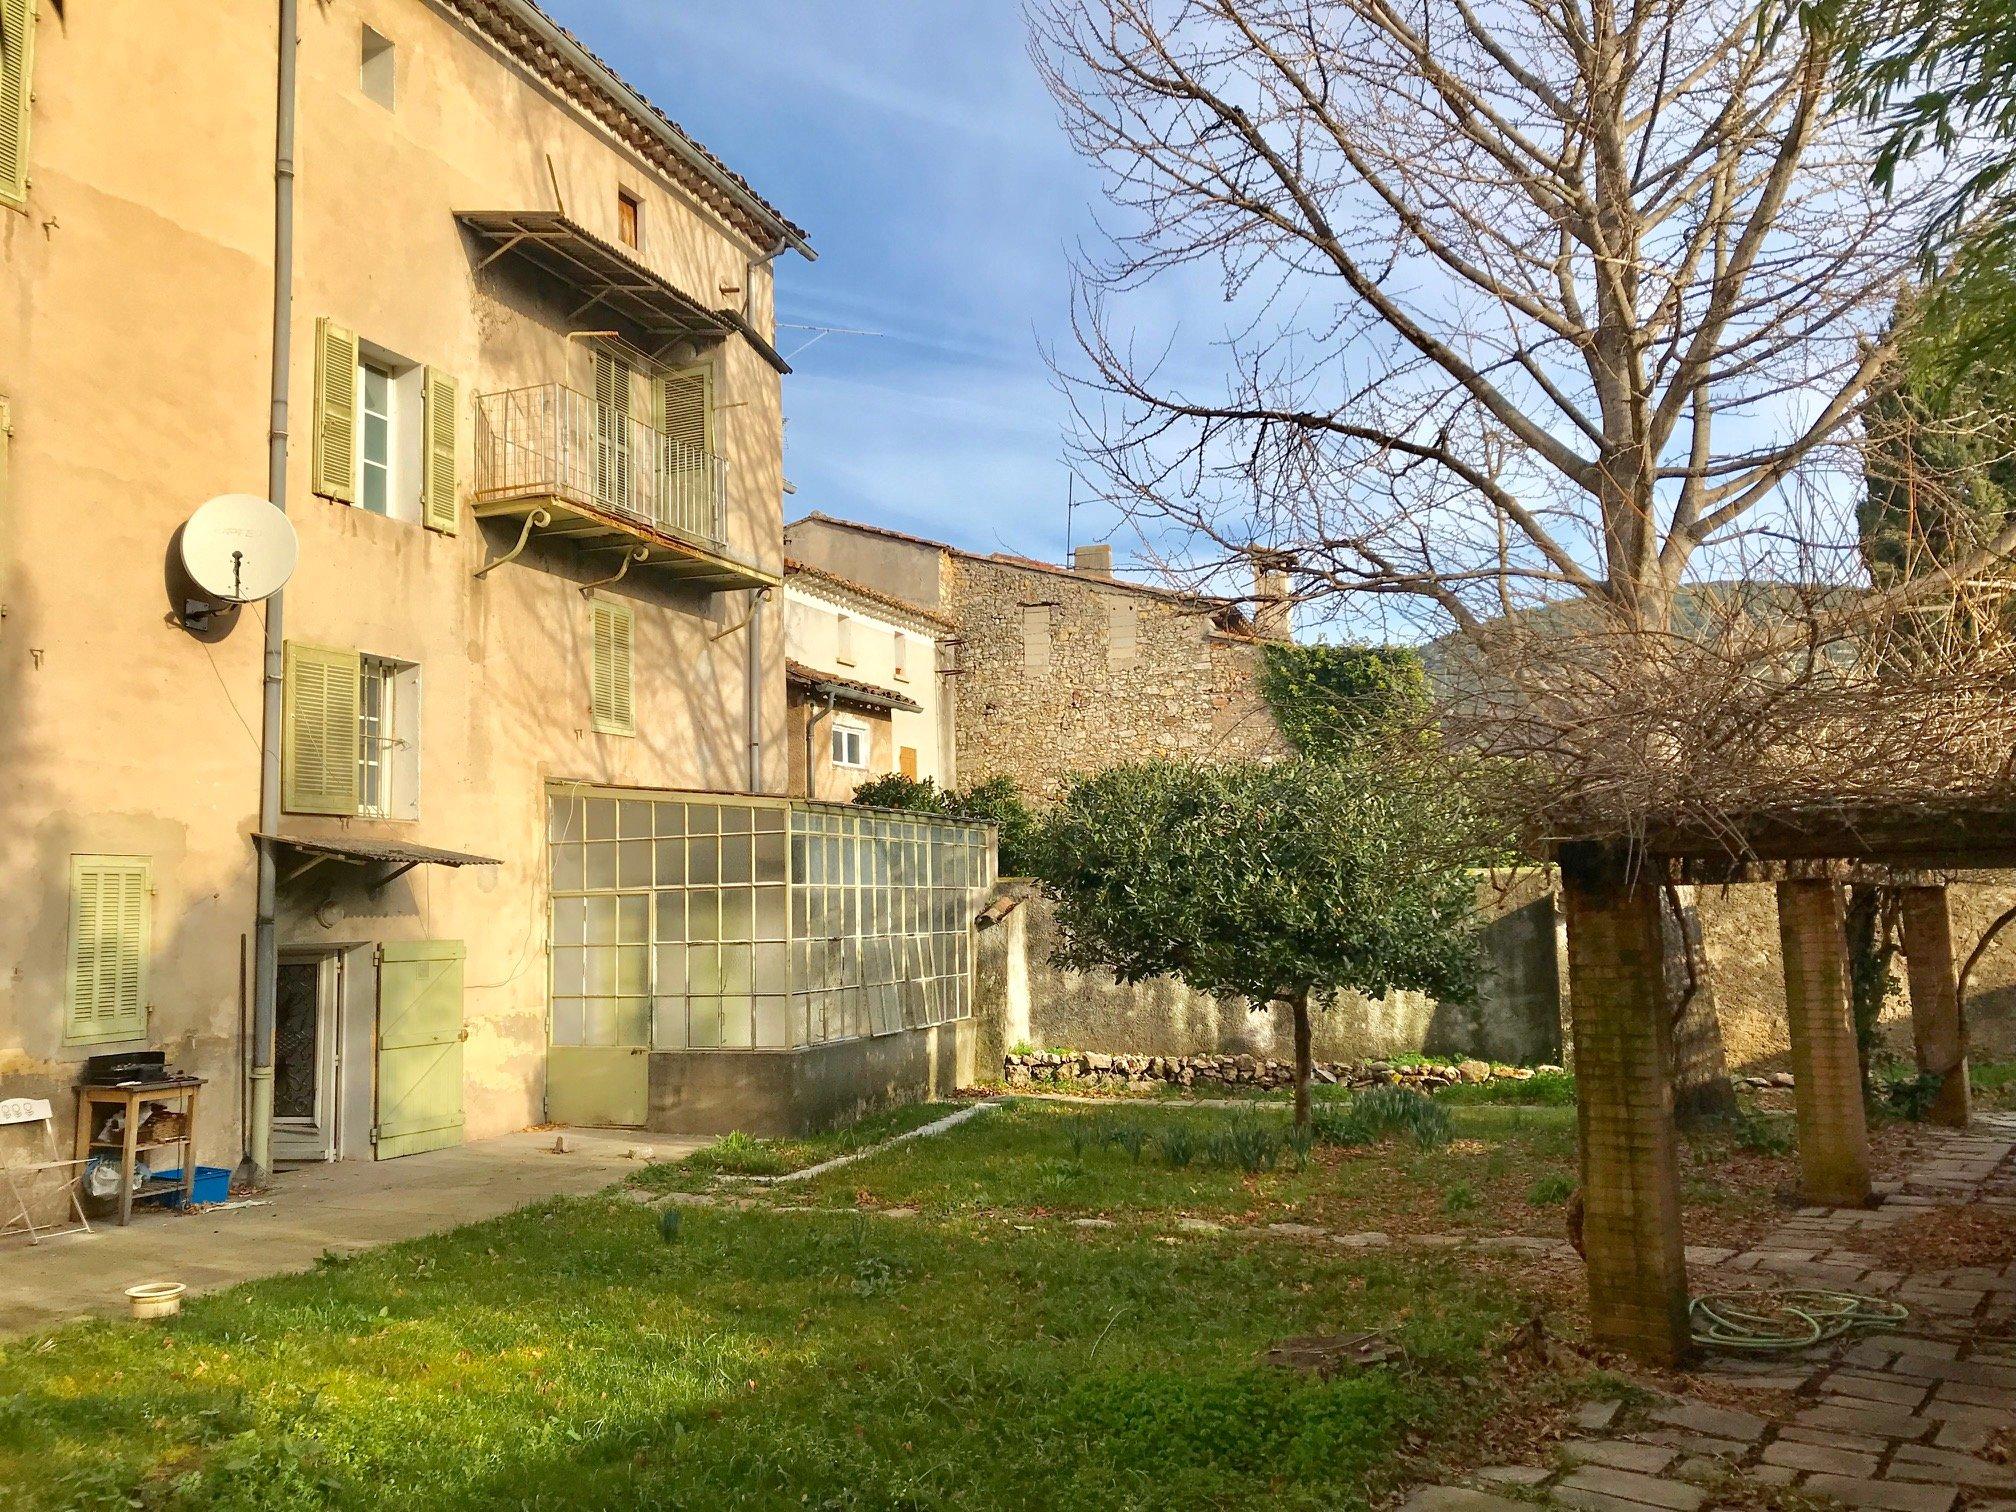 Maison-Villa - Solliès-Toucas